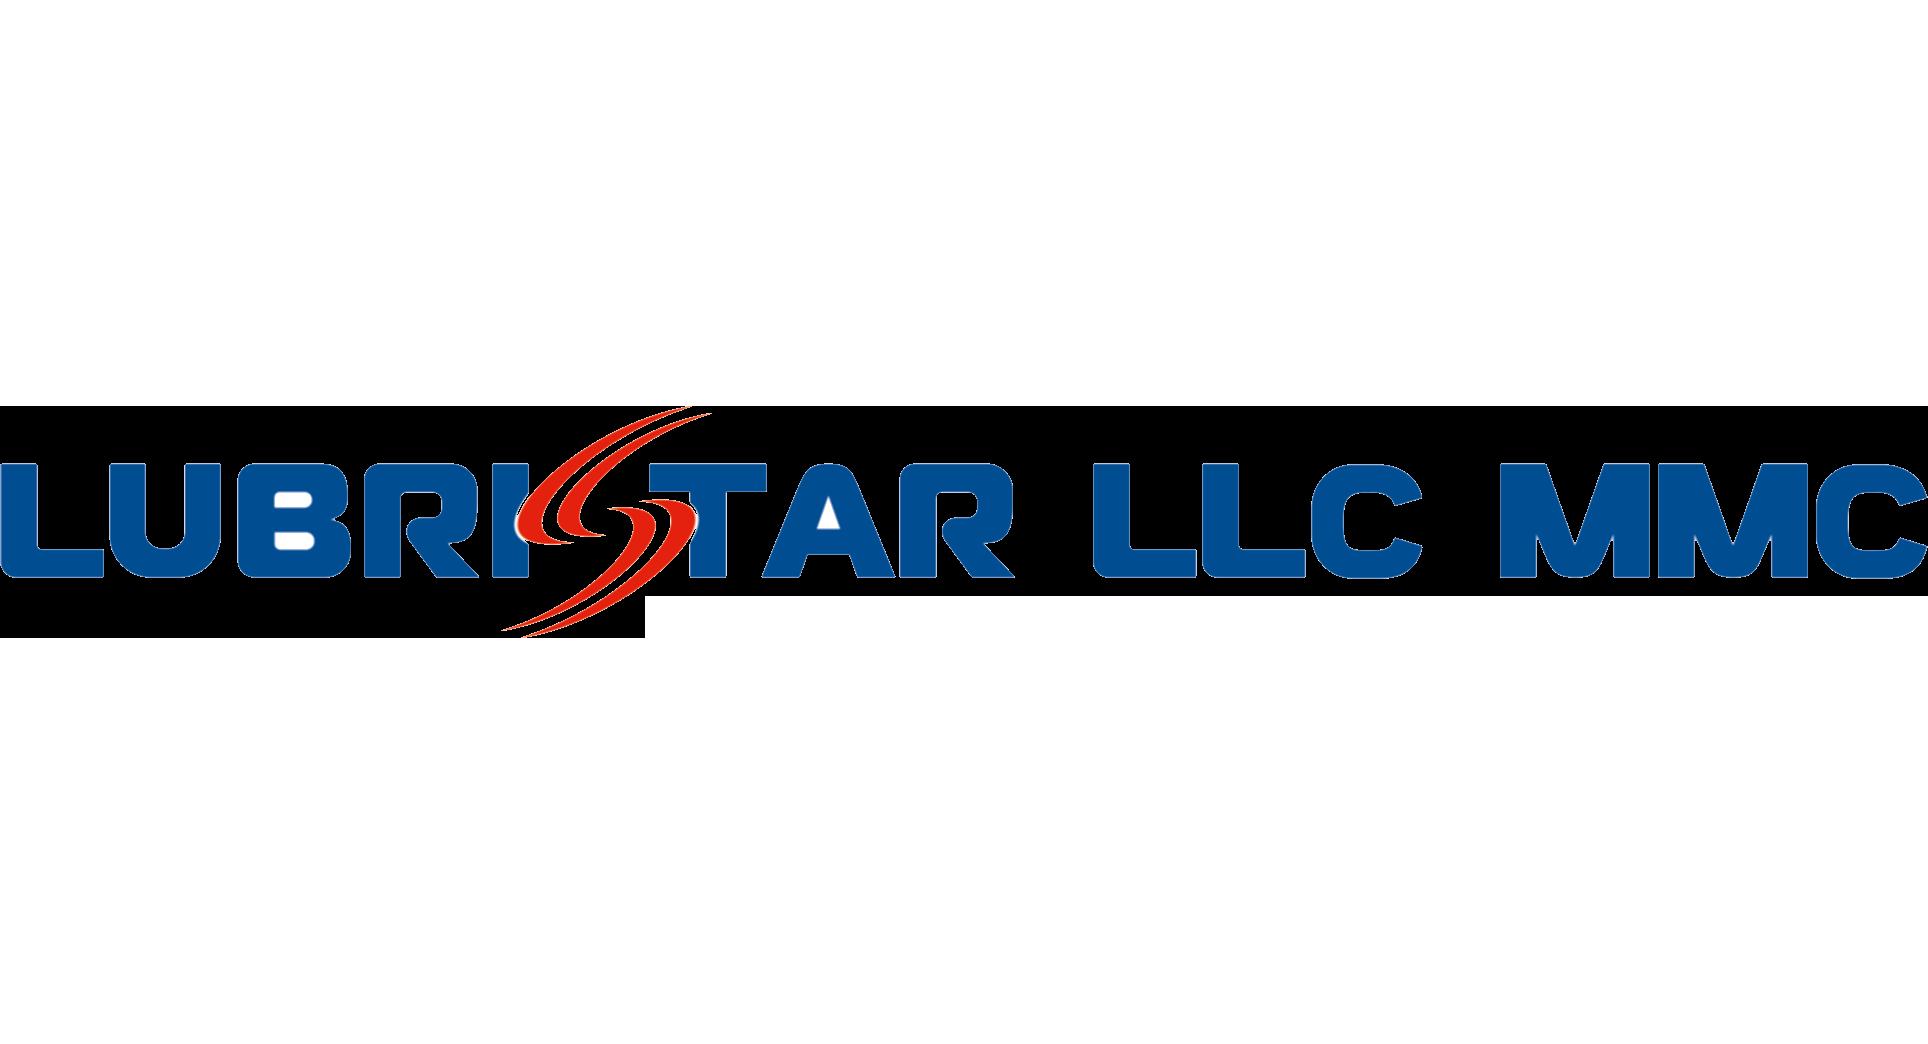 Lubristar LLC MMC